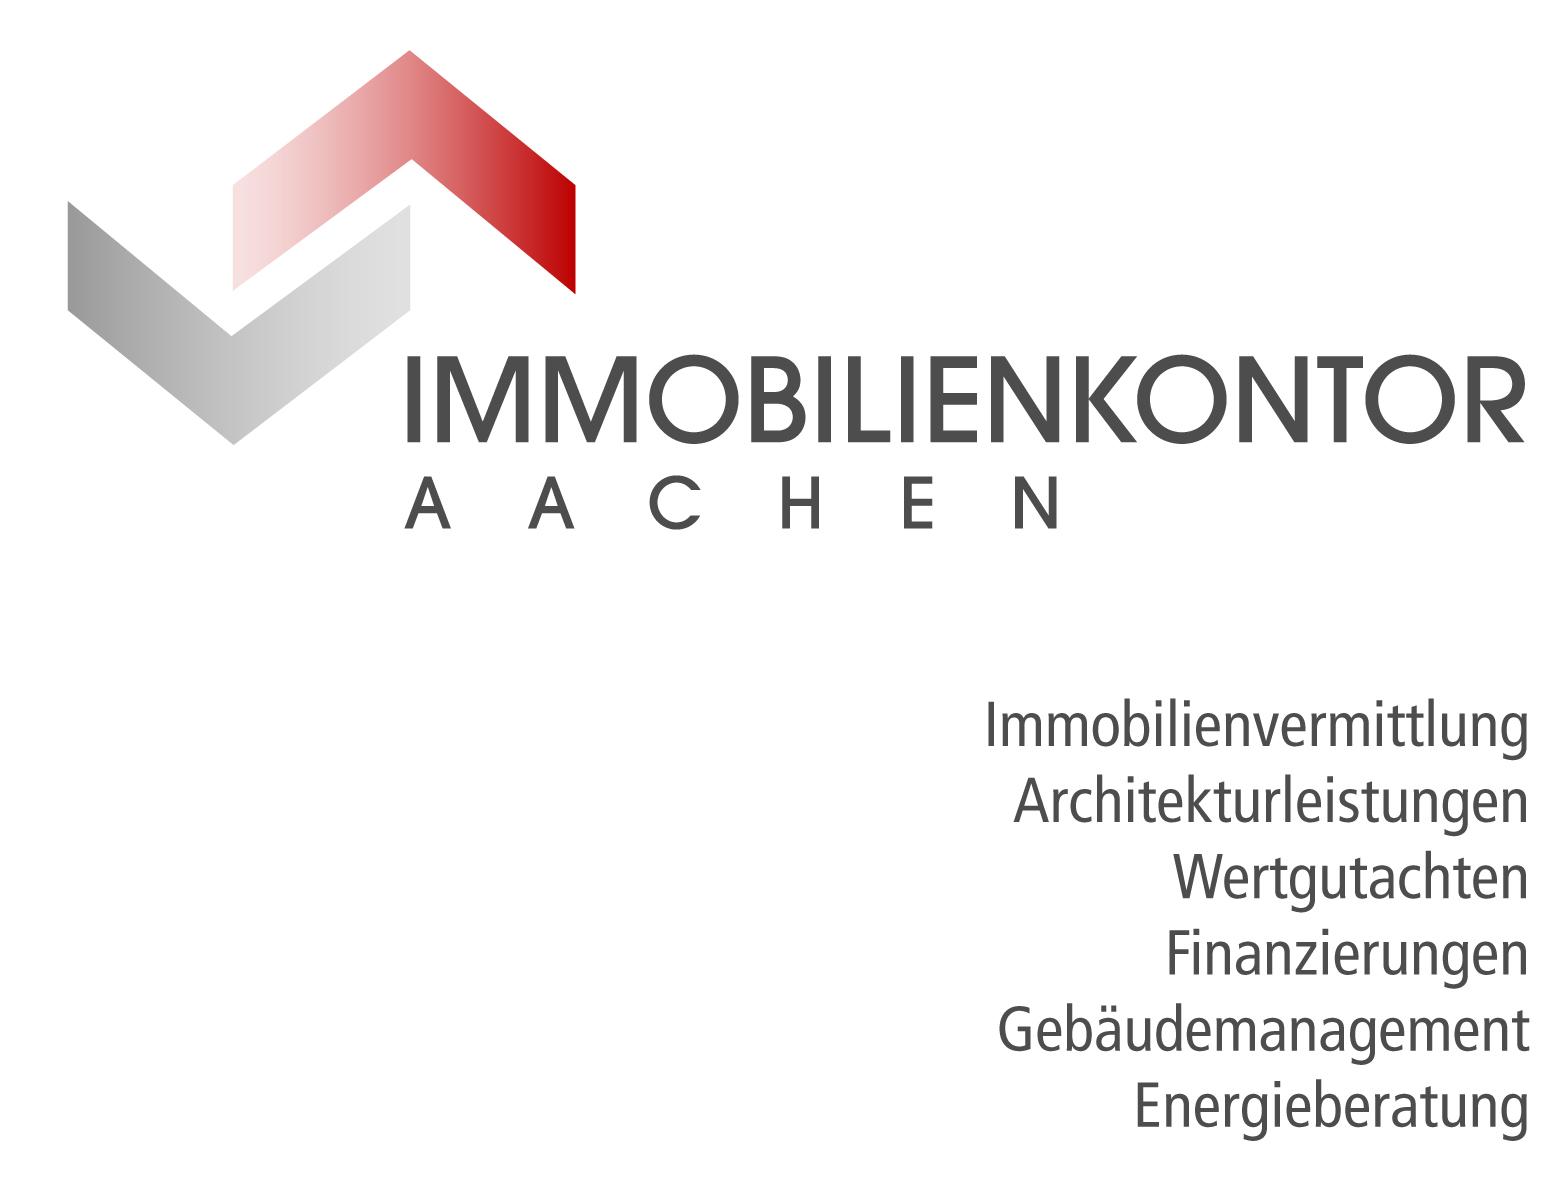 Hier sehen Sie das Logo von Immobilienkontor Aachen, Gesellschaft für Unternehmensführung mbH